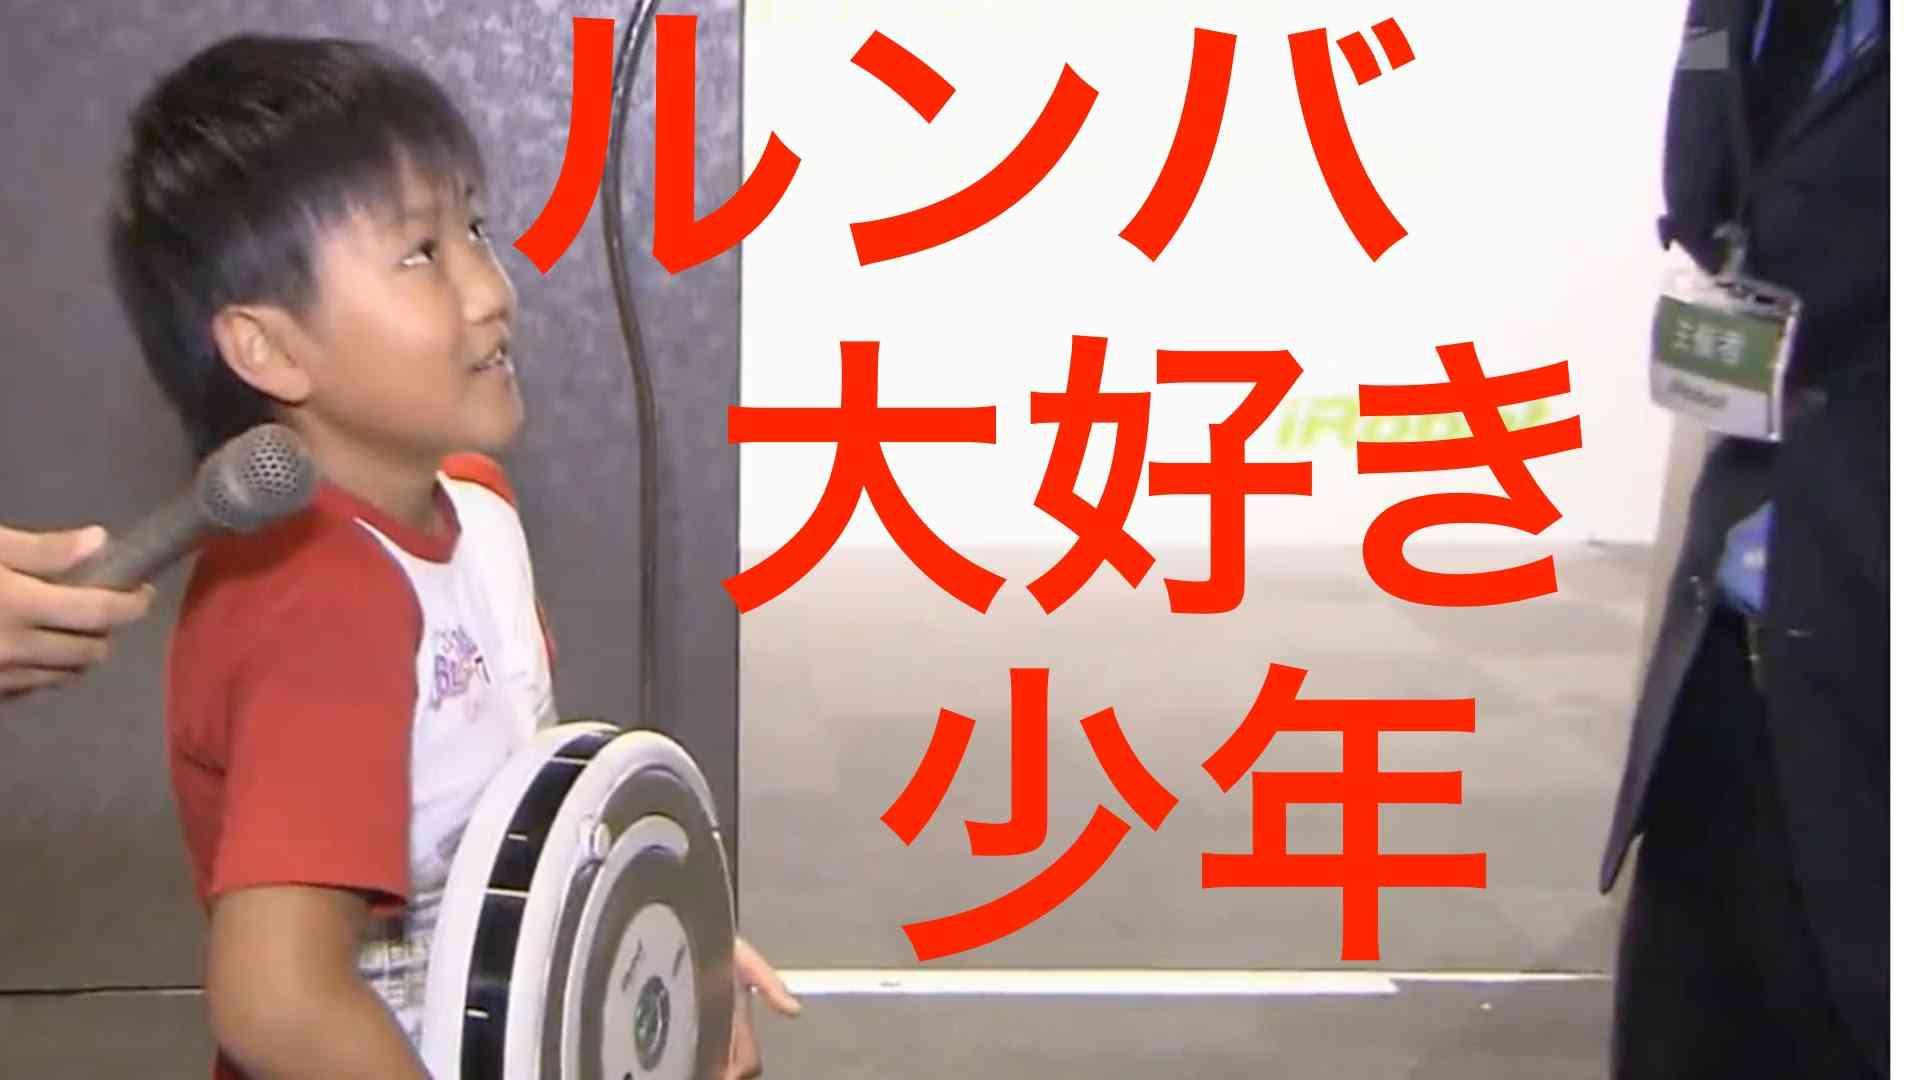 ルンバ【探偵ナイトスクープ】家電オタク小学生記者会見潜入 - YouTube